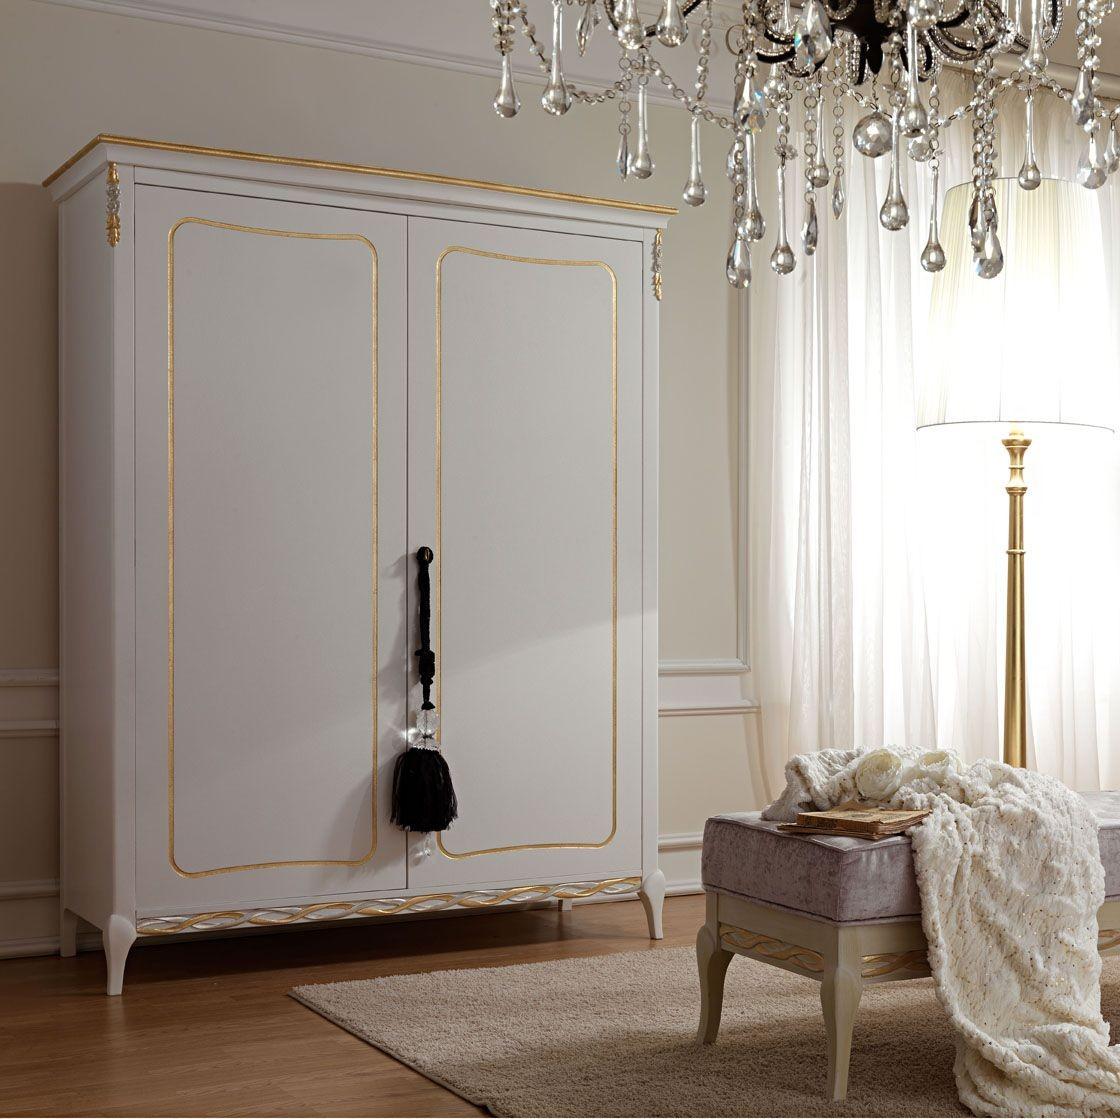 Armario para el dormitorio de estilo clsico en madera for Armarios clasicos dormitorio